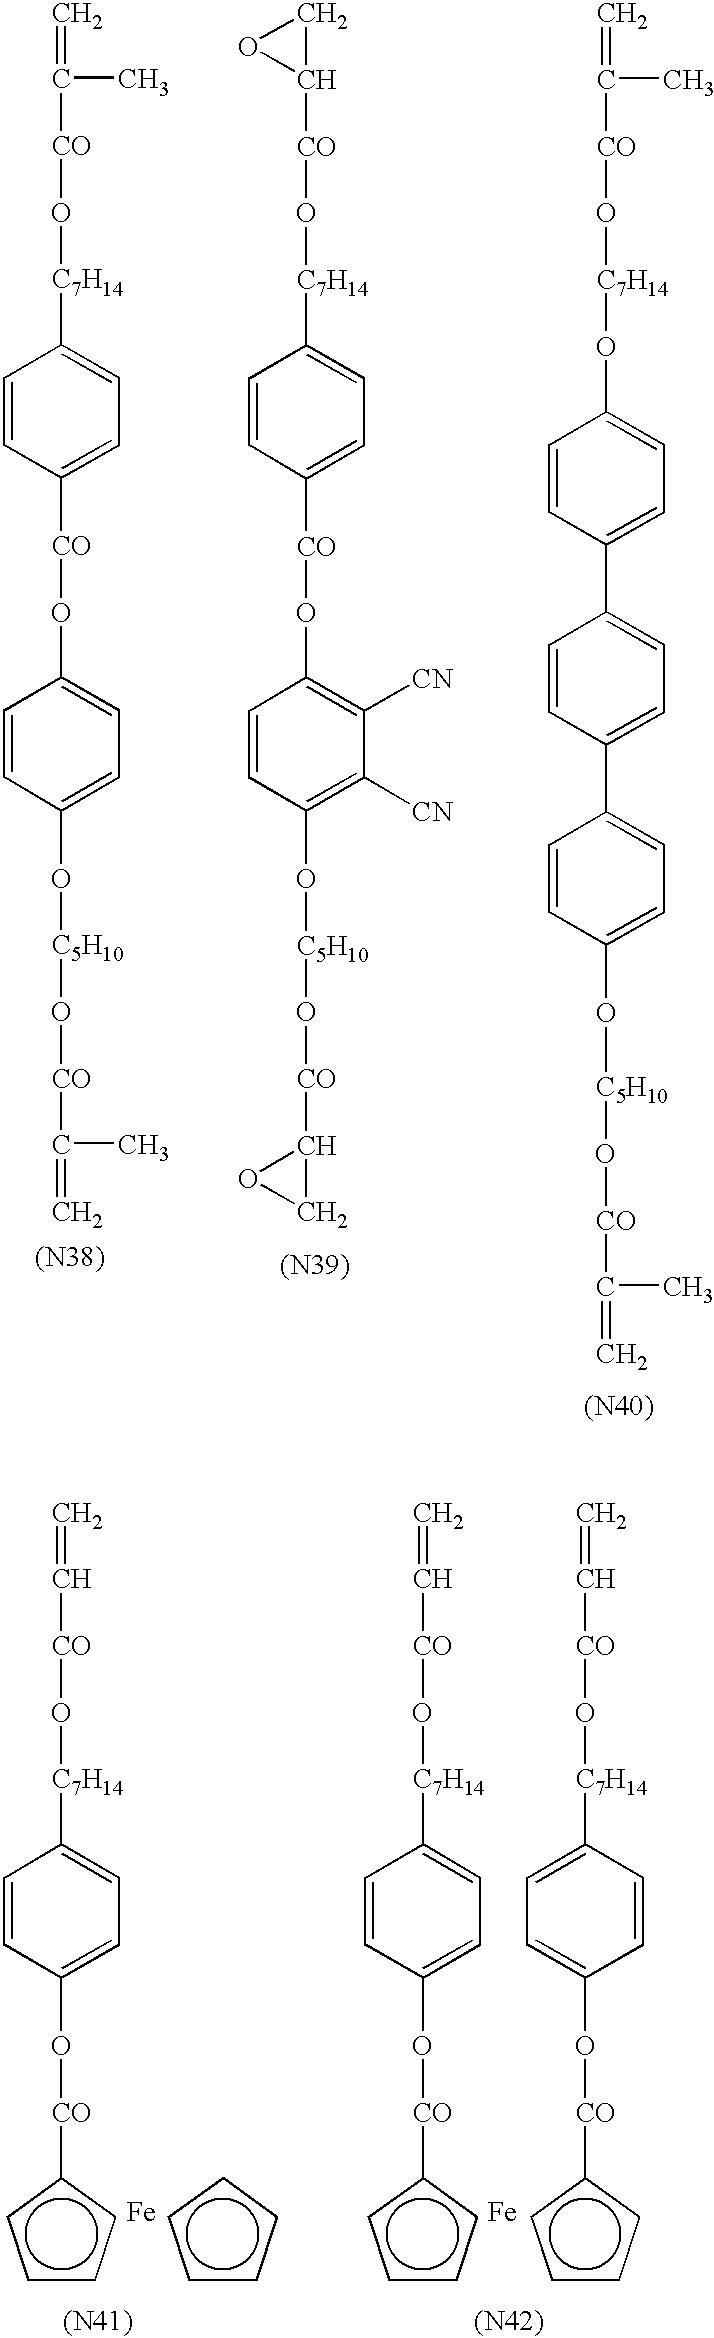 Figure US06583832-20030624-C00008